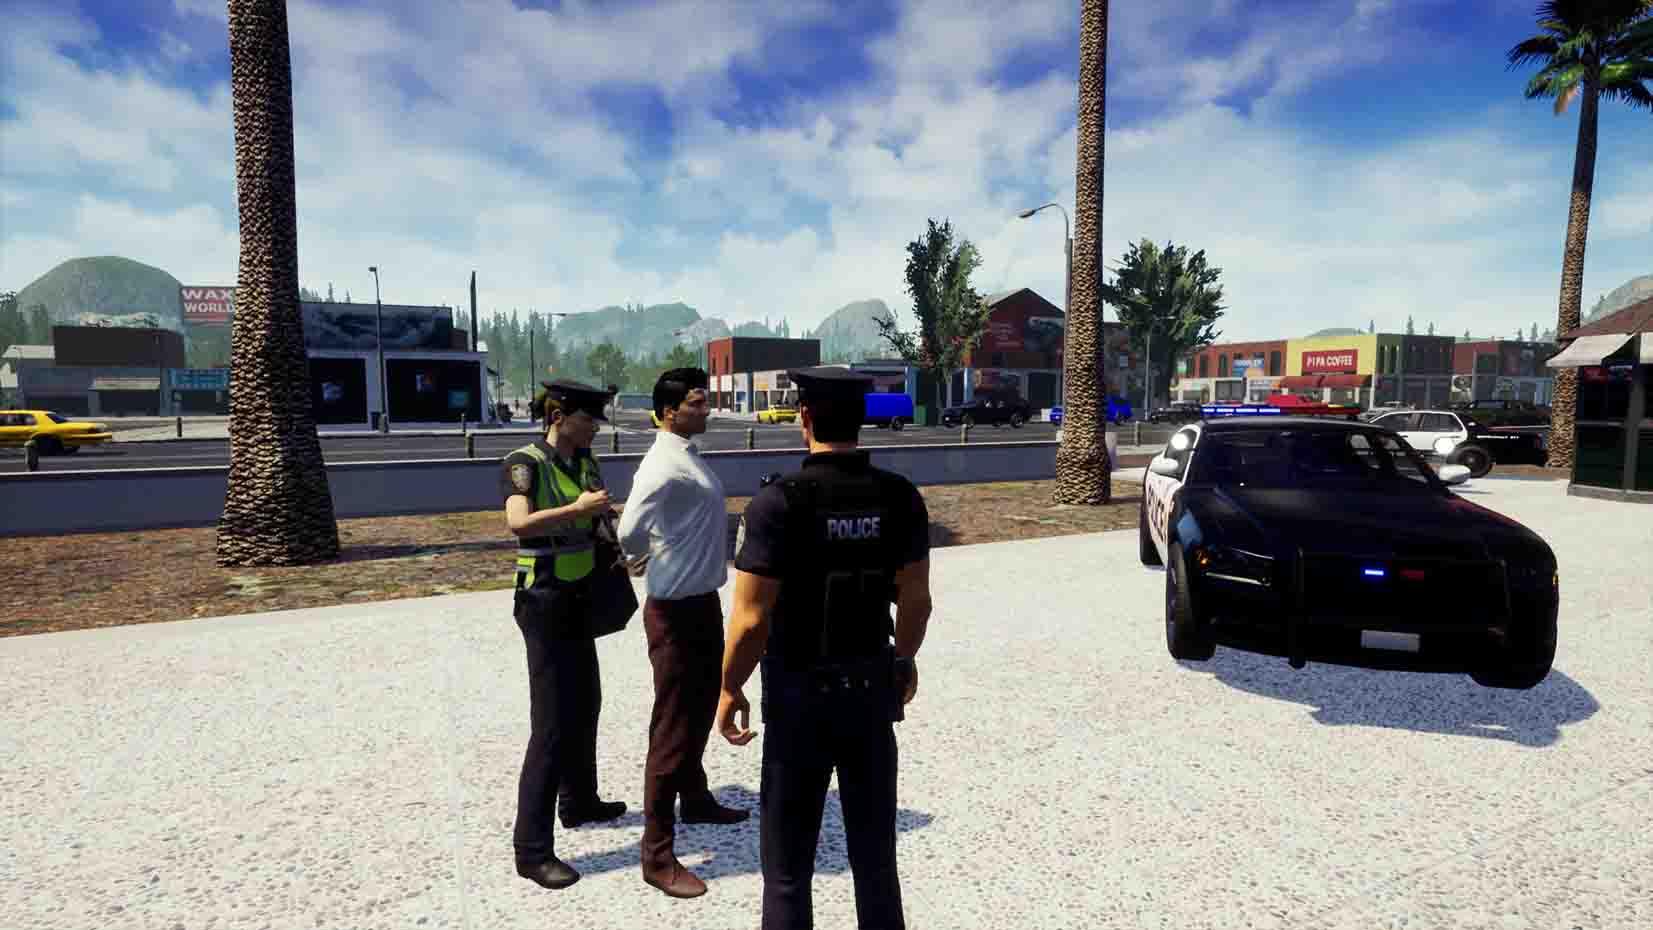 download-Police-Simulator-Patrol-Duty-hadoan-tv-2